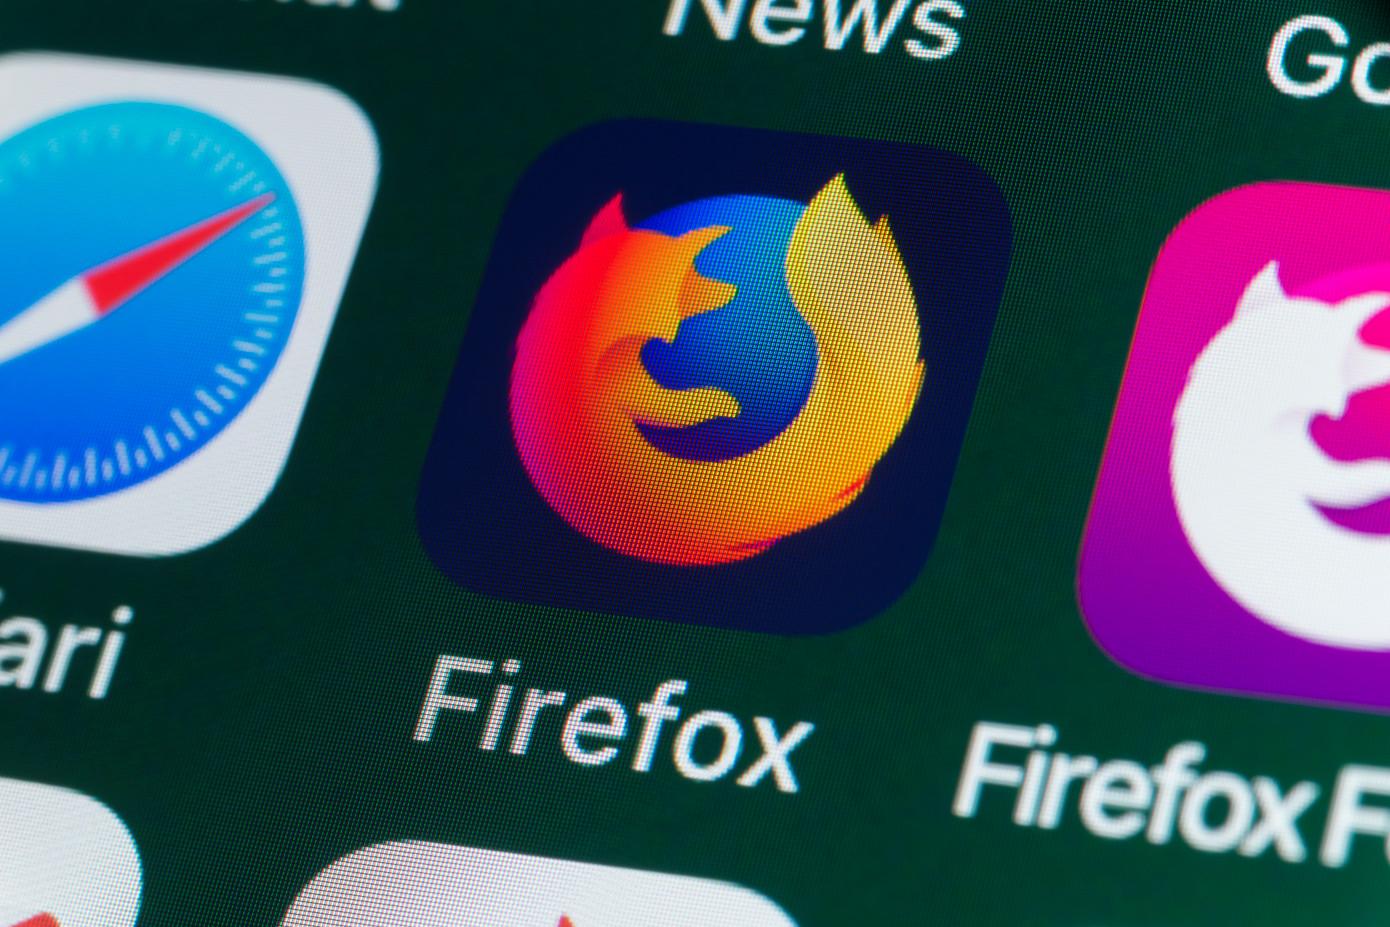 Firefox obtiene informes de privacidad personalizados